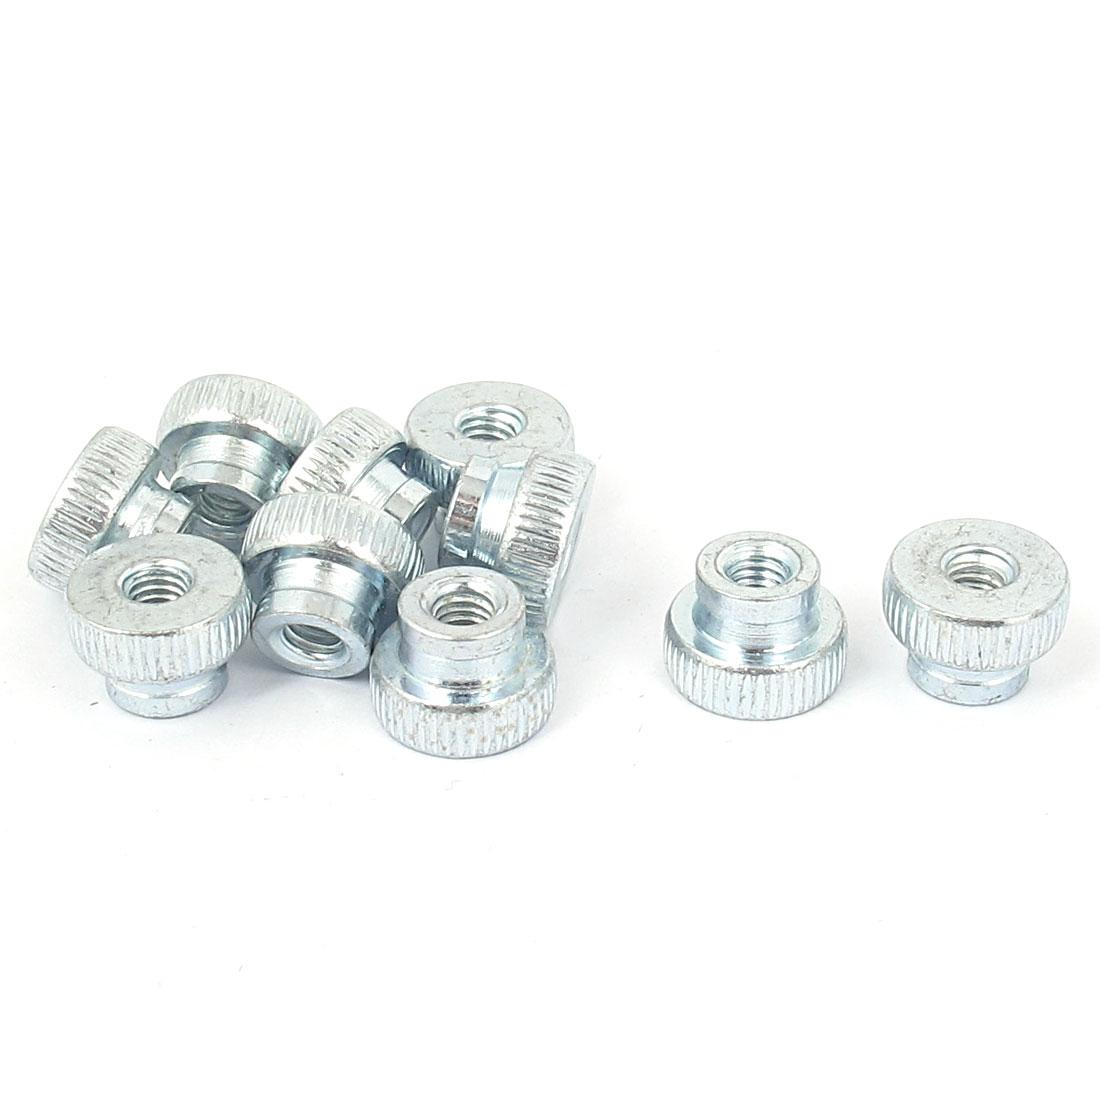 Metal Knurled Head Thumb Nut Fastener Silver Tone M4 10 Pcs